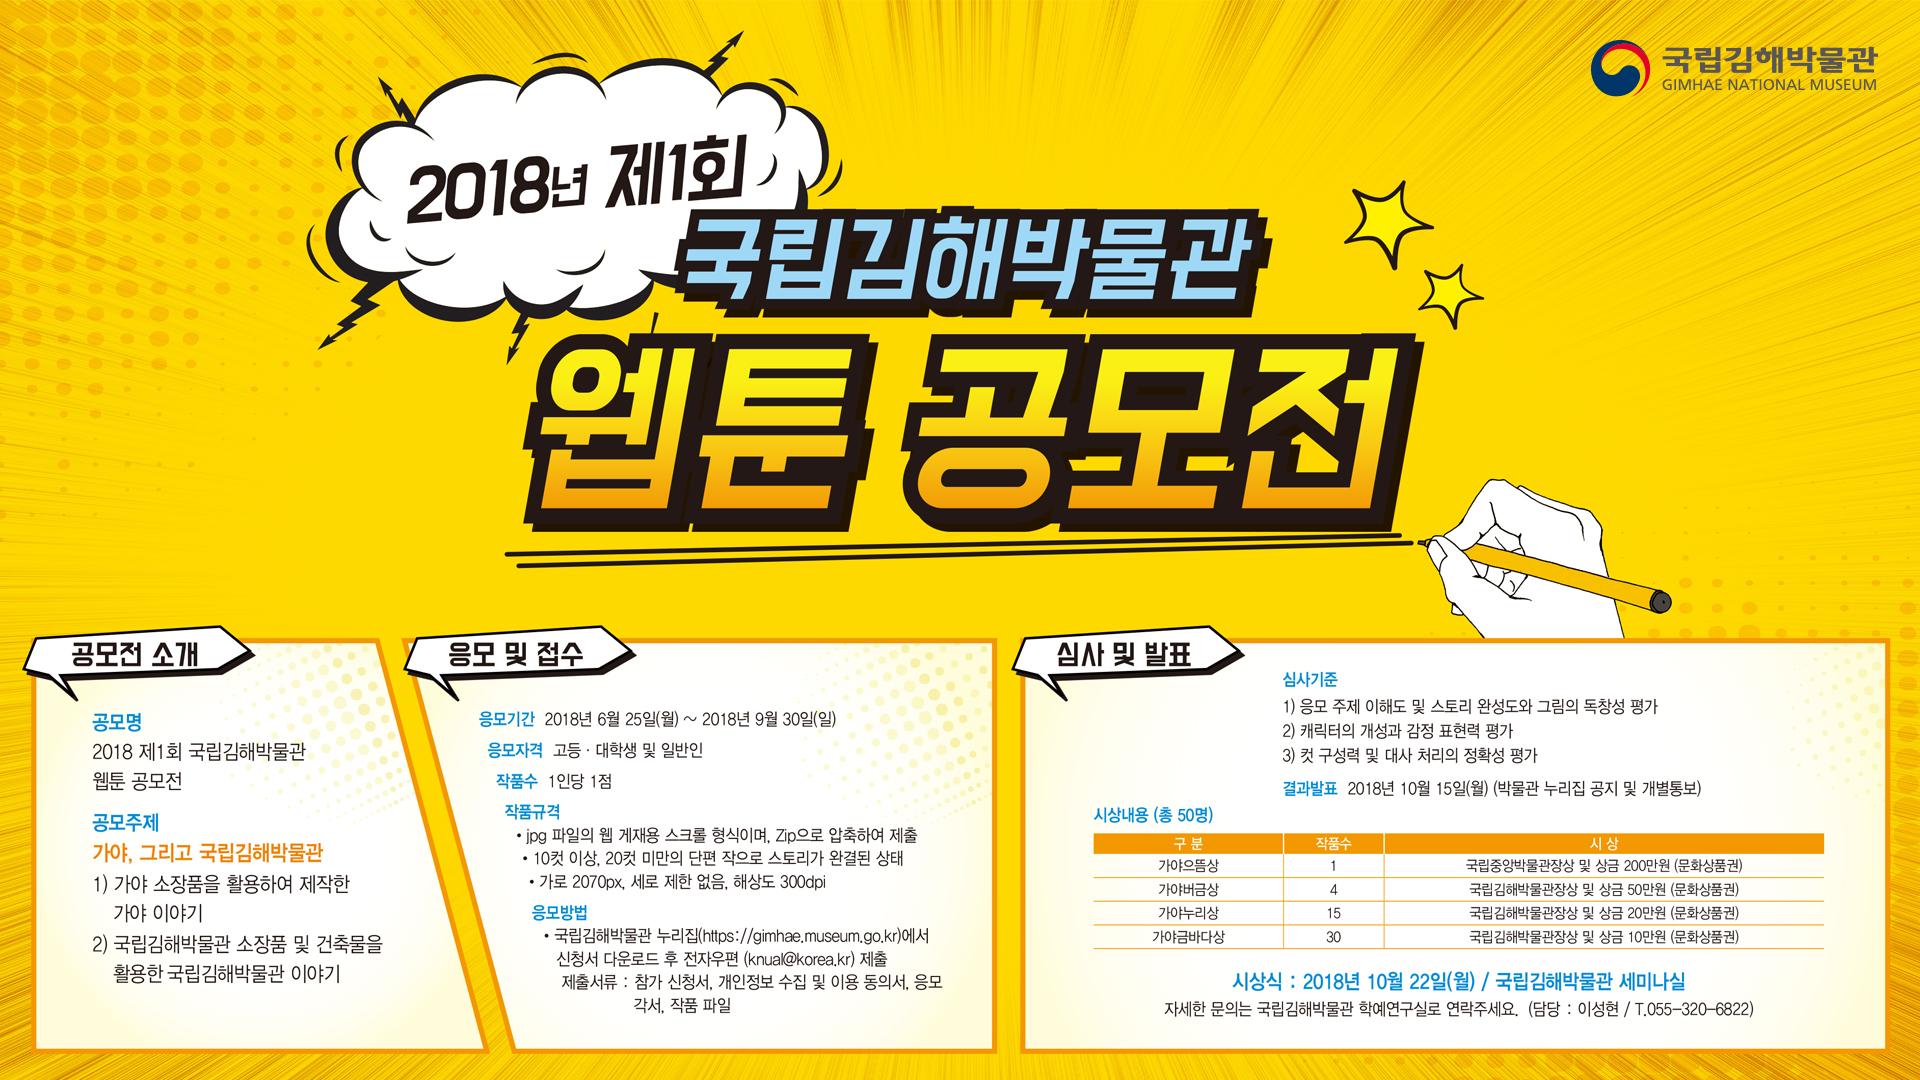 「2018 제1회 국립김해박물관 웹툰」 공모전 개최